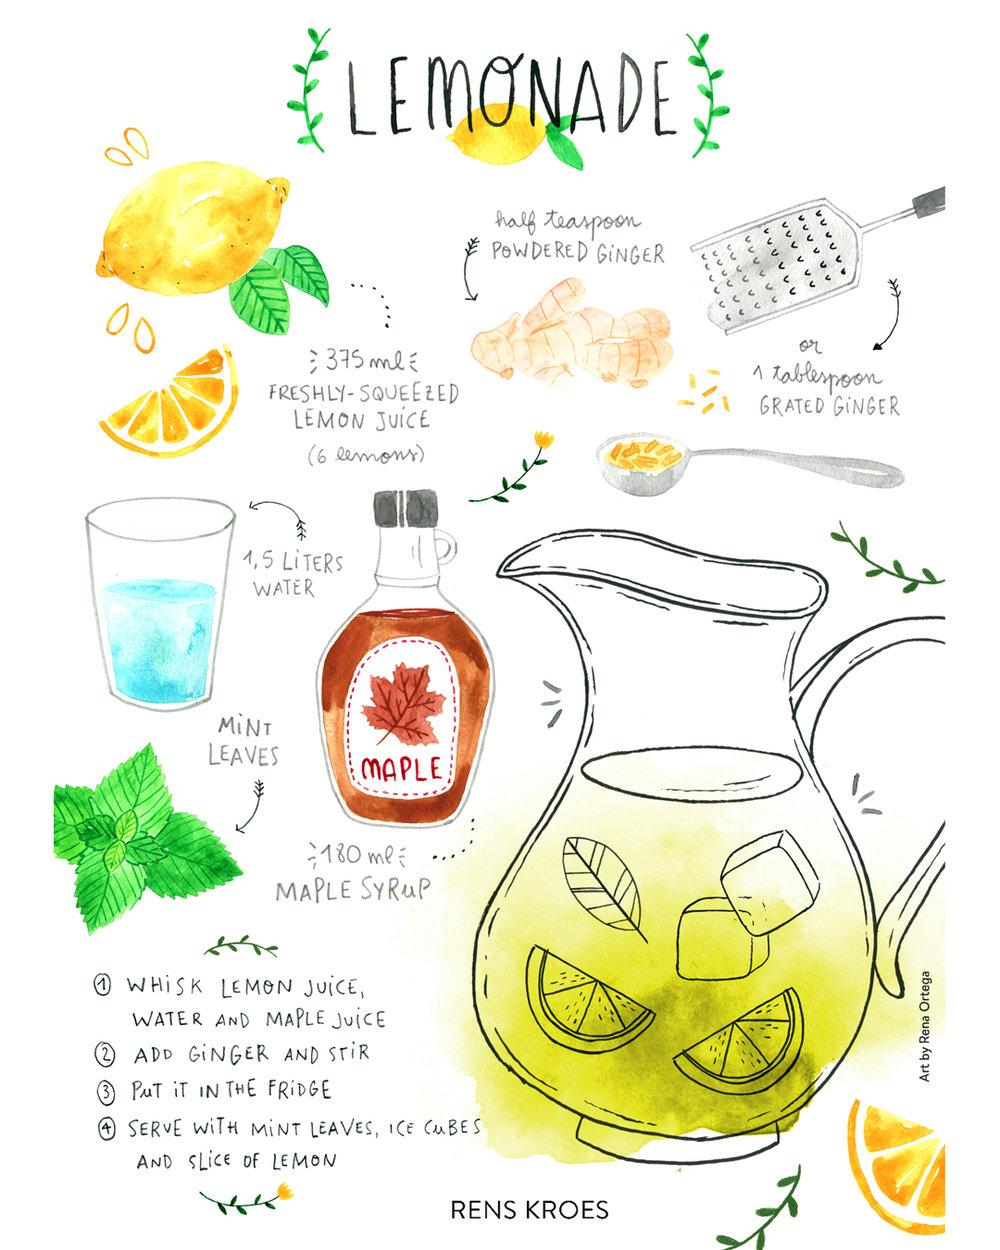 lemonade_vertical.jpg